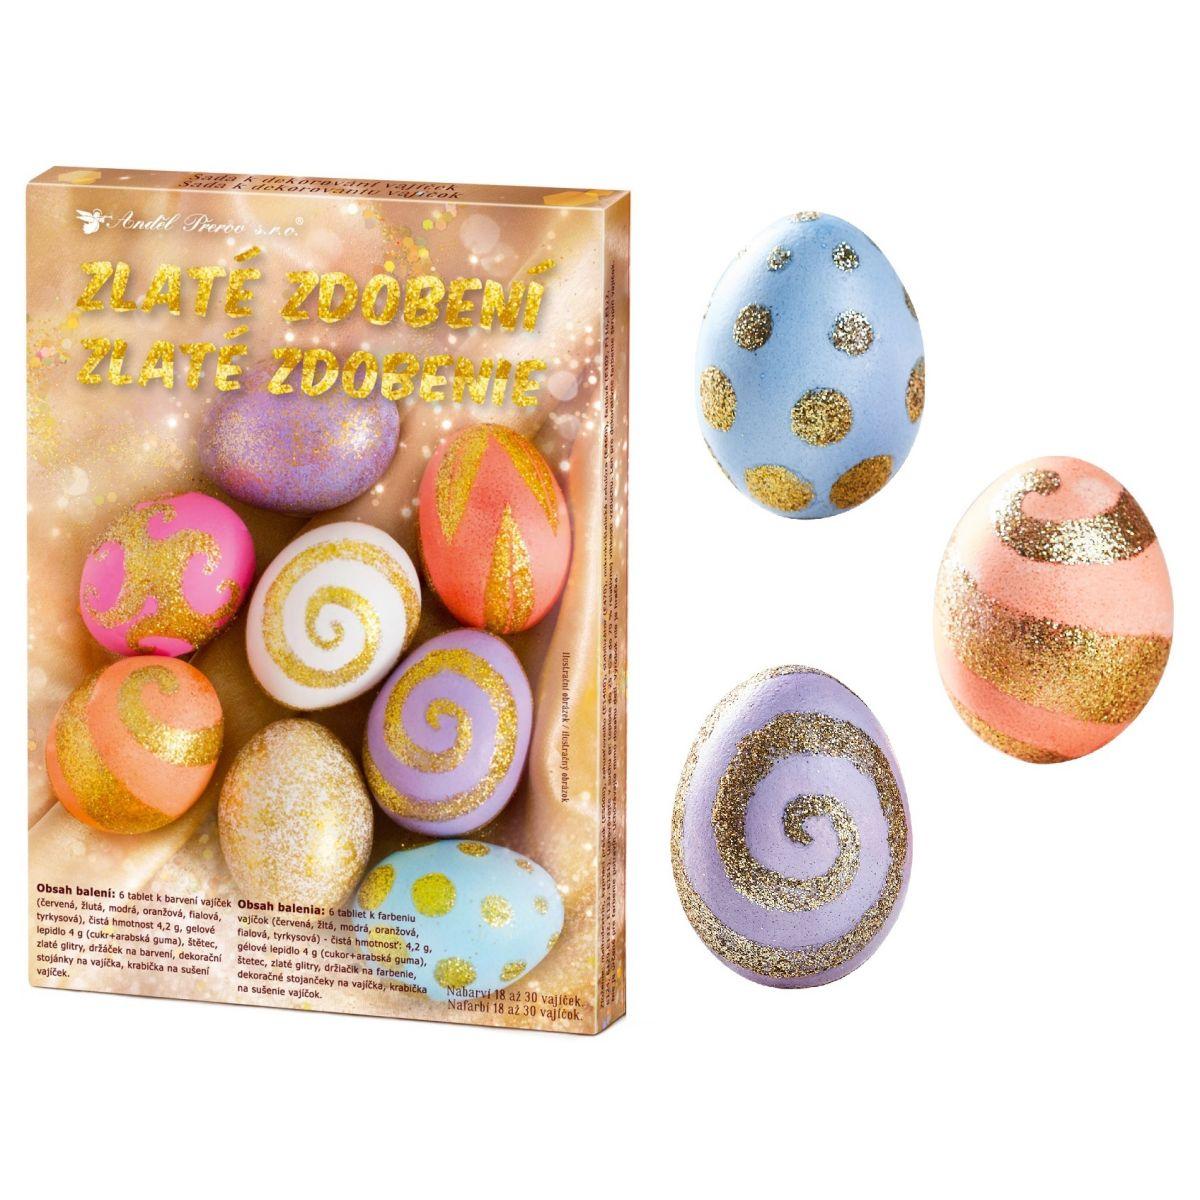 Sada k dekorovanie vajíčok - zlaté zdobenie